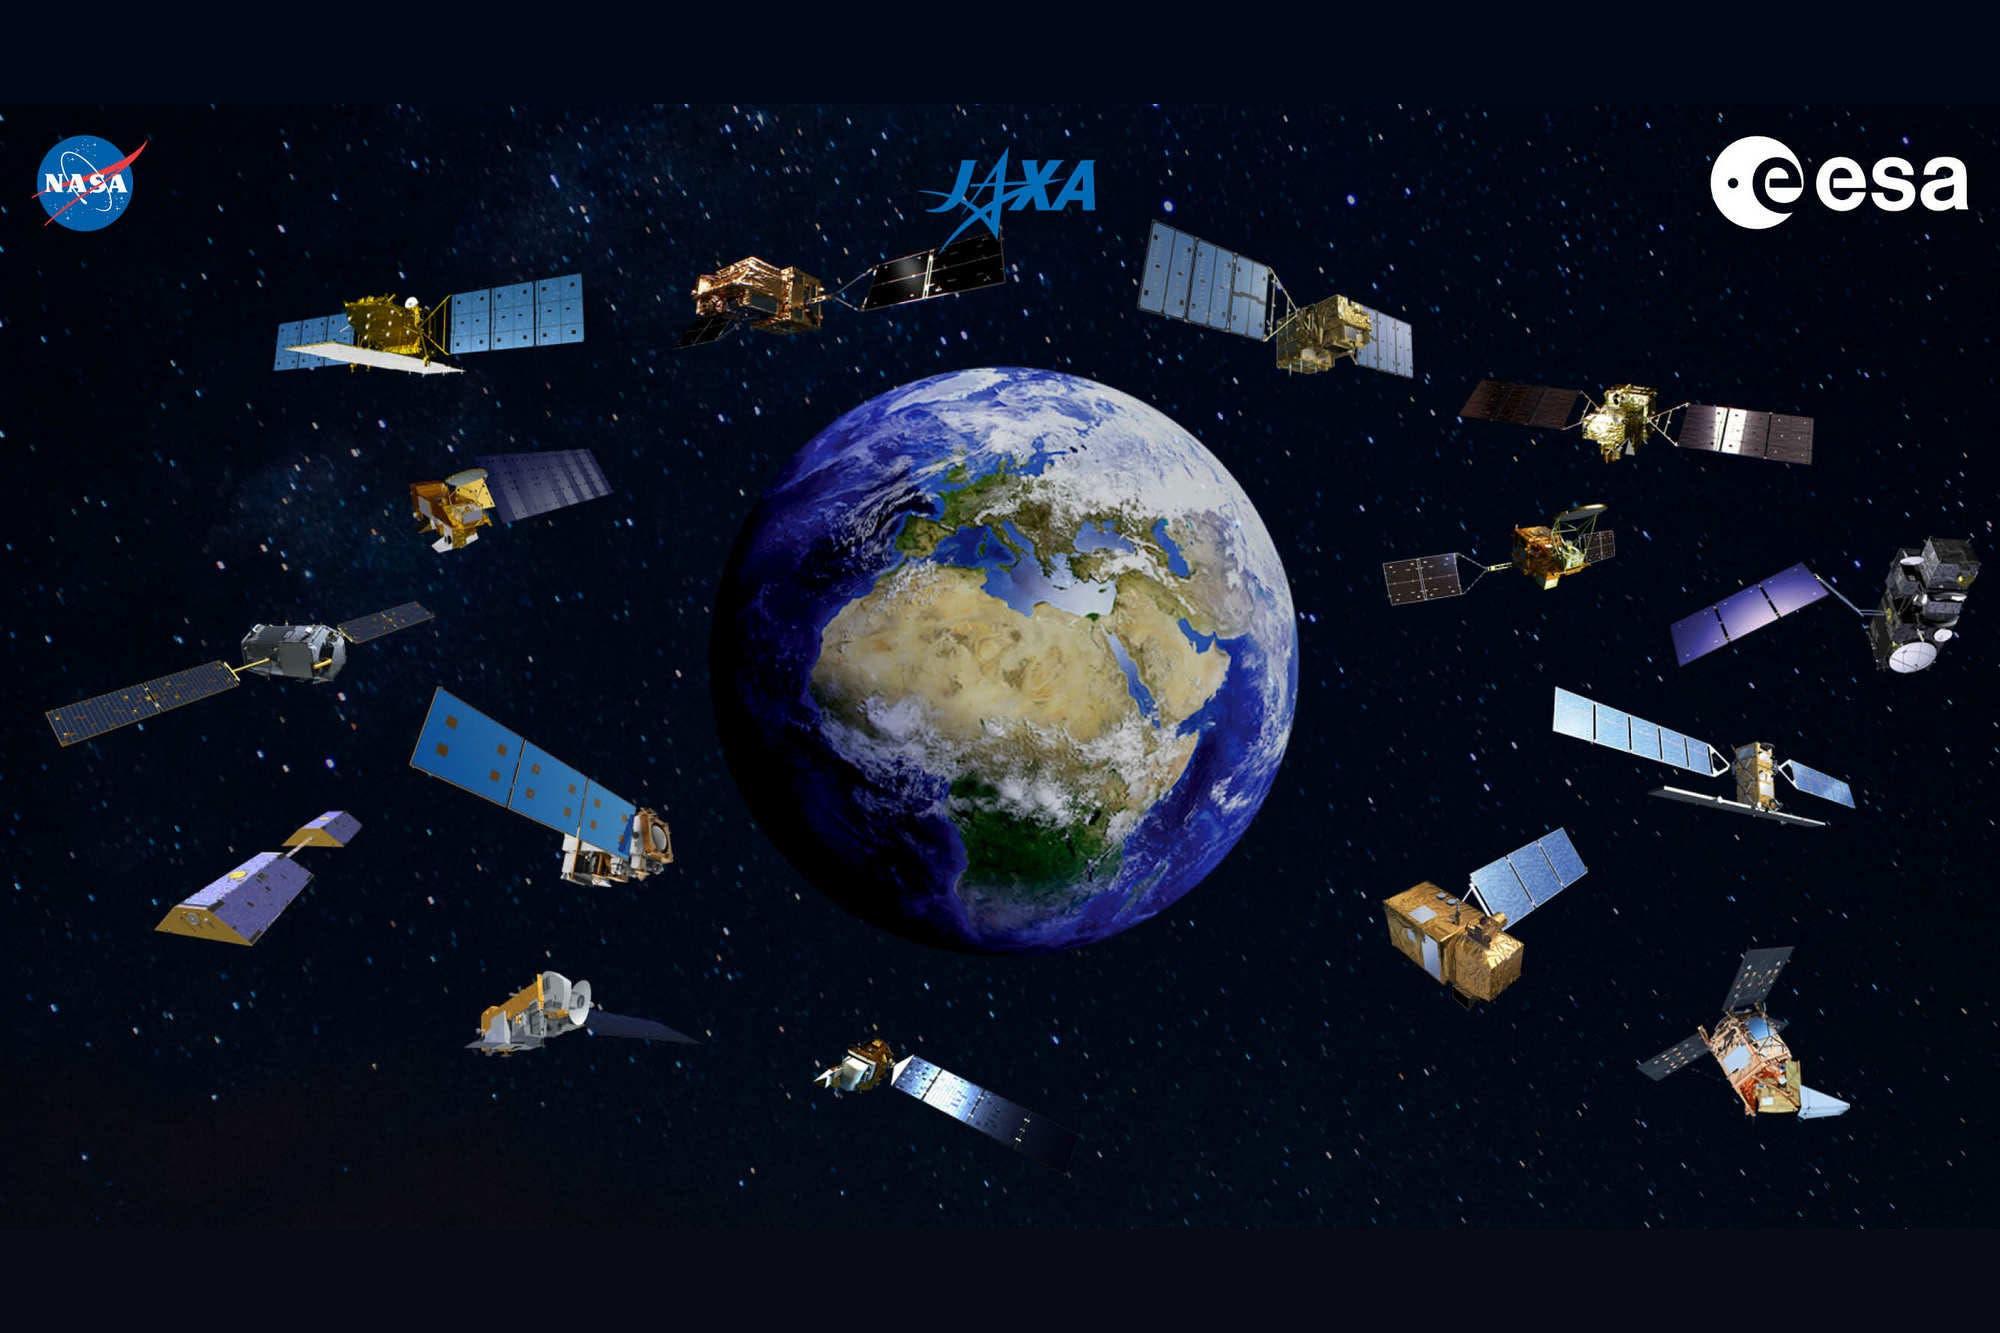 Desde el espacio, Estados Unidos, Europa y Japón analizan el impacto de la pandemia con sus satélites